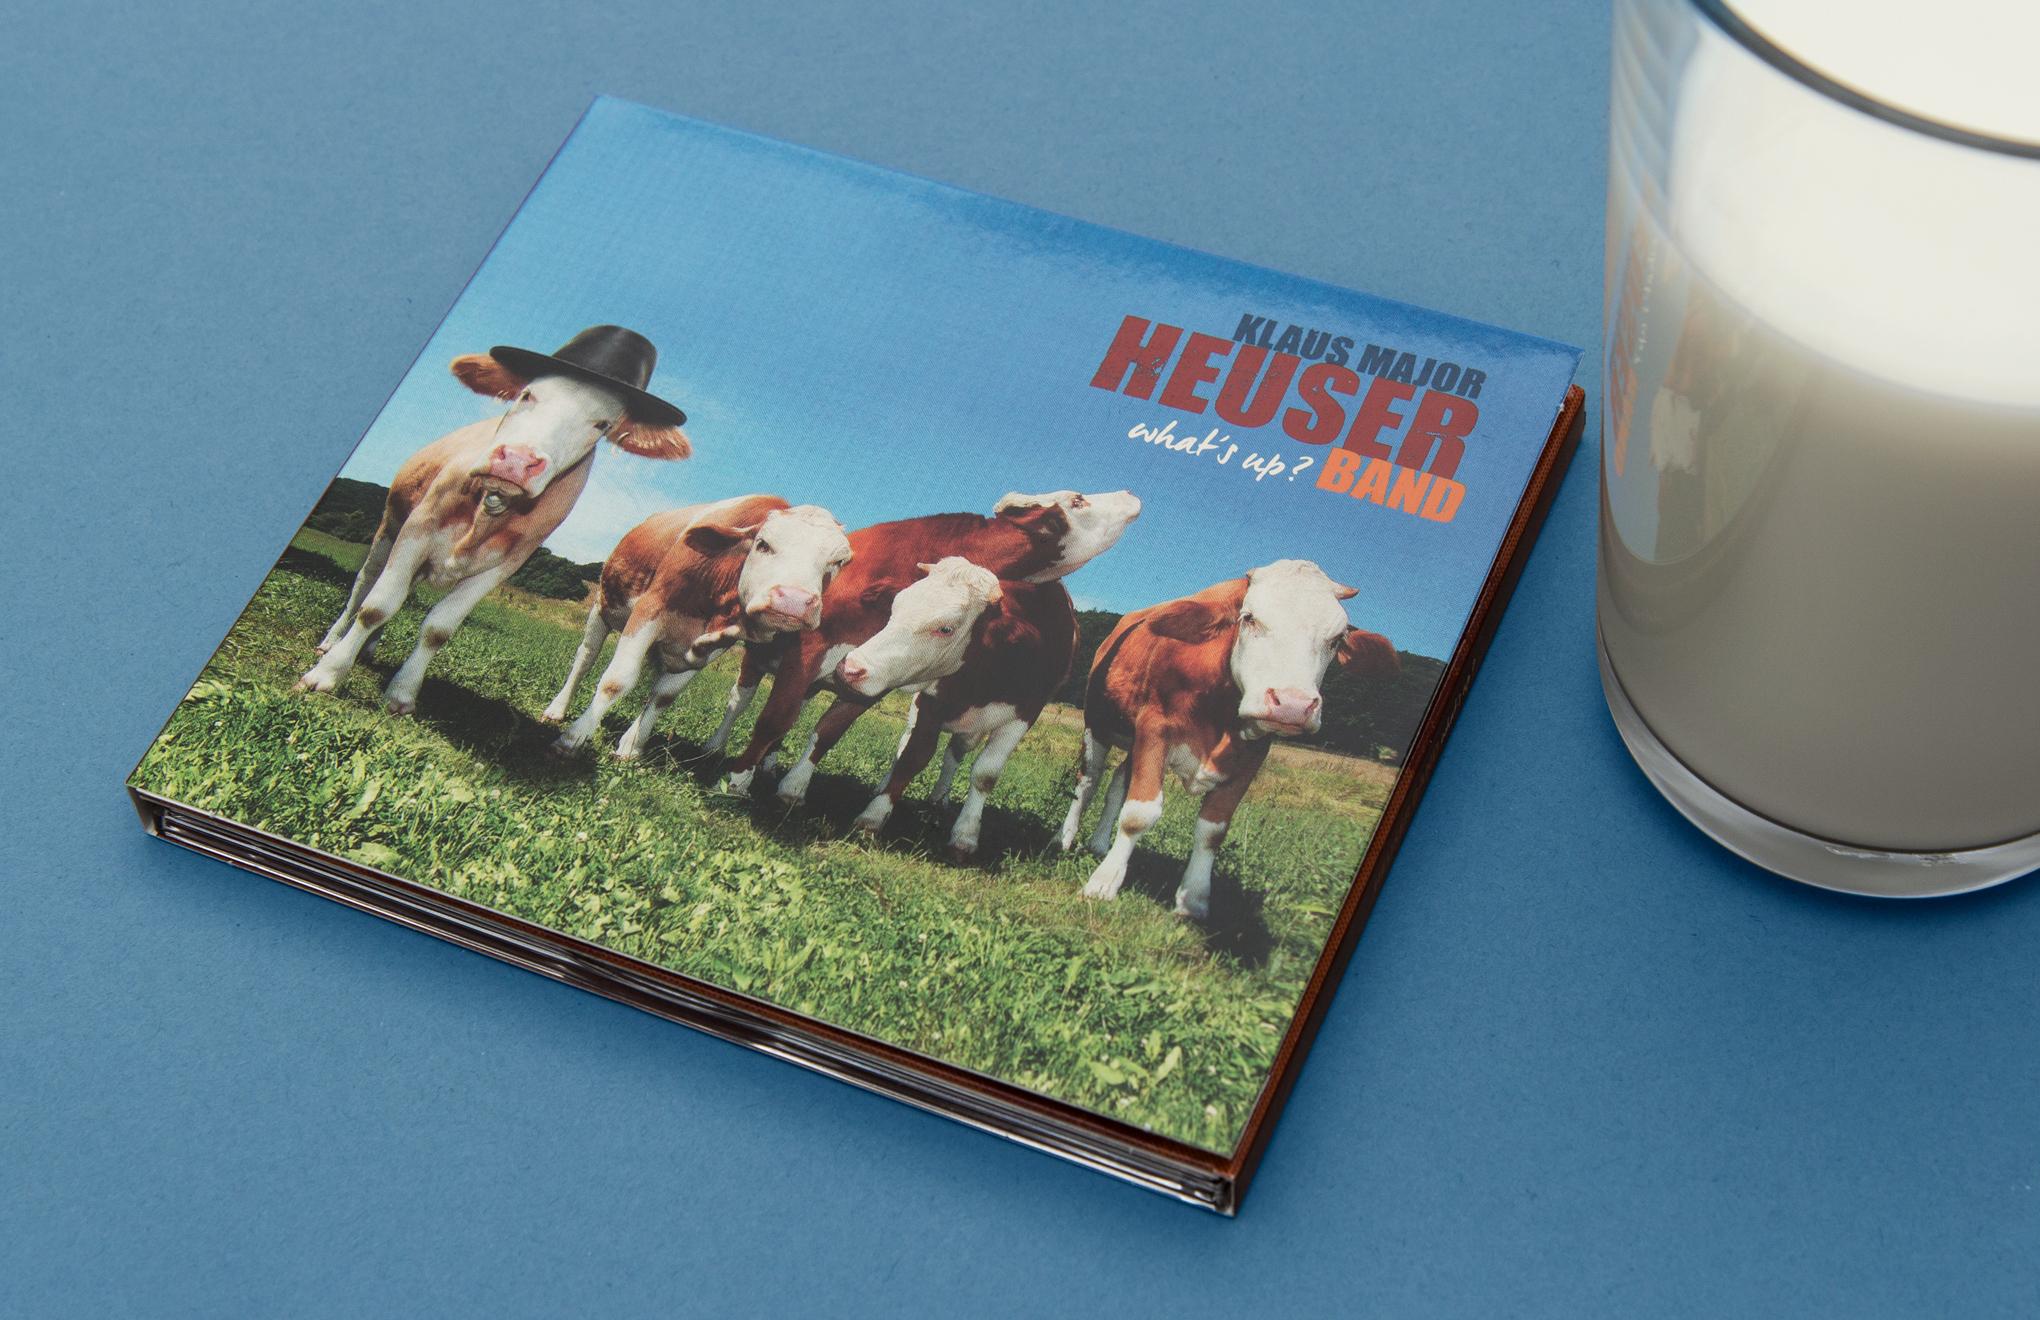 """Glas Milch / Kühe auf der Weide / Artwork für das CD-Cover, """"What´s up?"""" von der Klaus Major Heuser Band. Gestaltung von den kölner Grafikern sons of ipanema."""